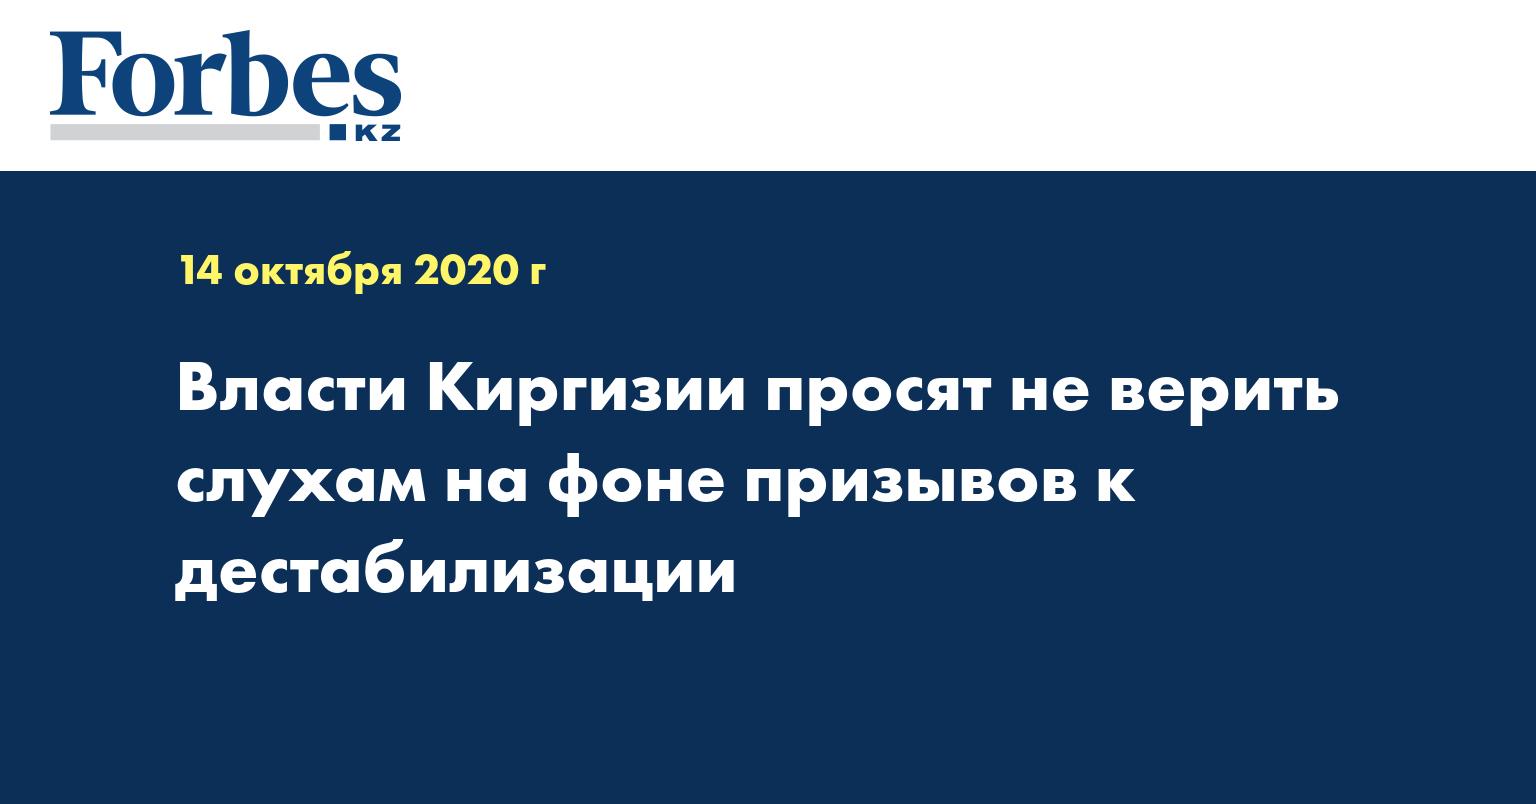 Власти Кыргызстана просят не верить слухам на фоне призывов к дестабилизации